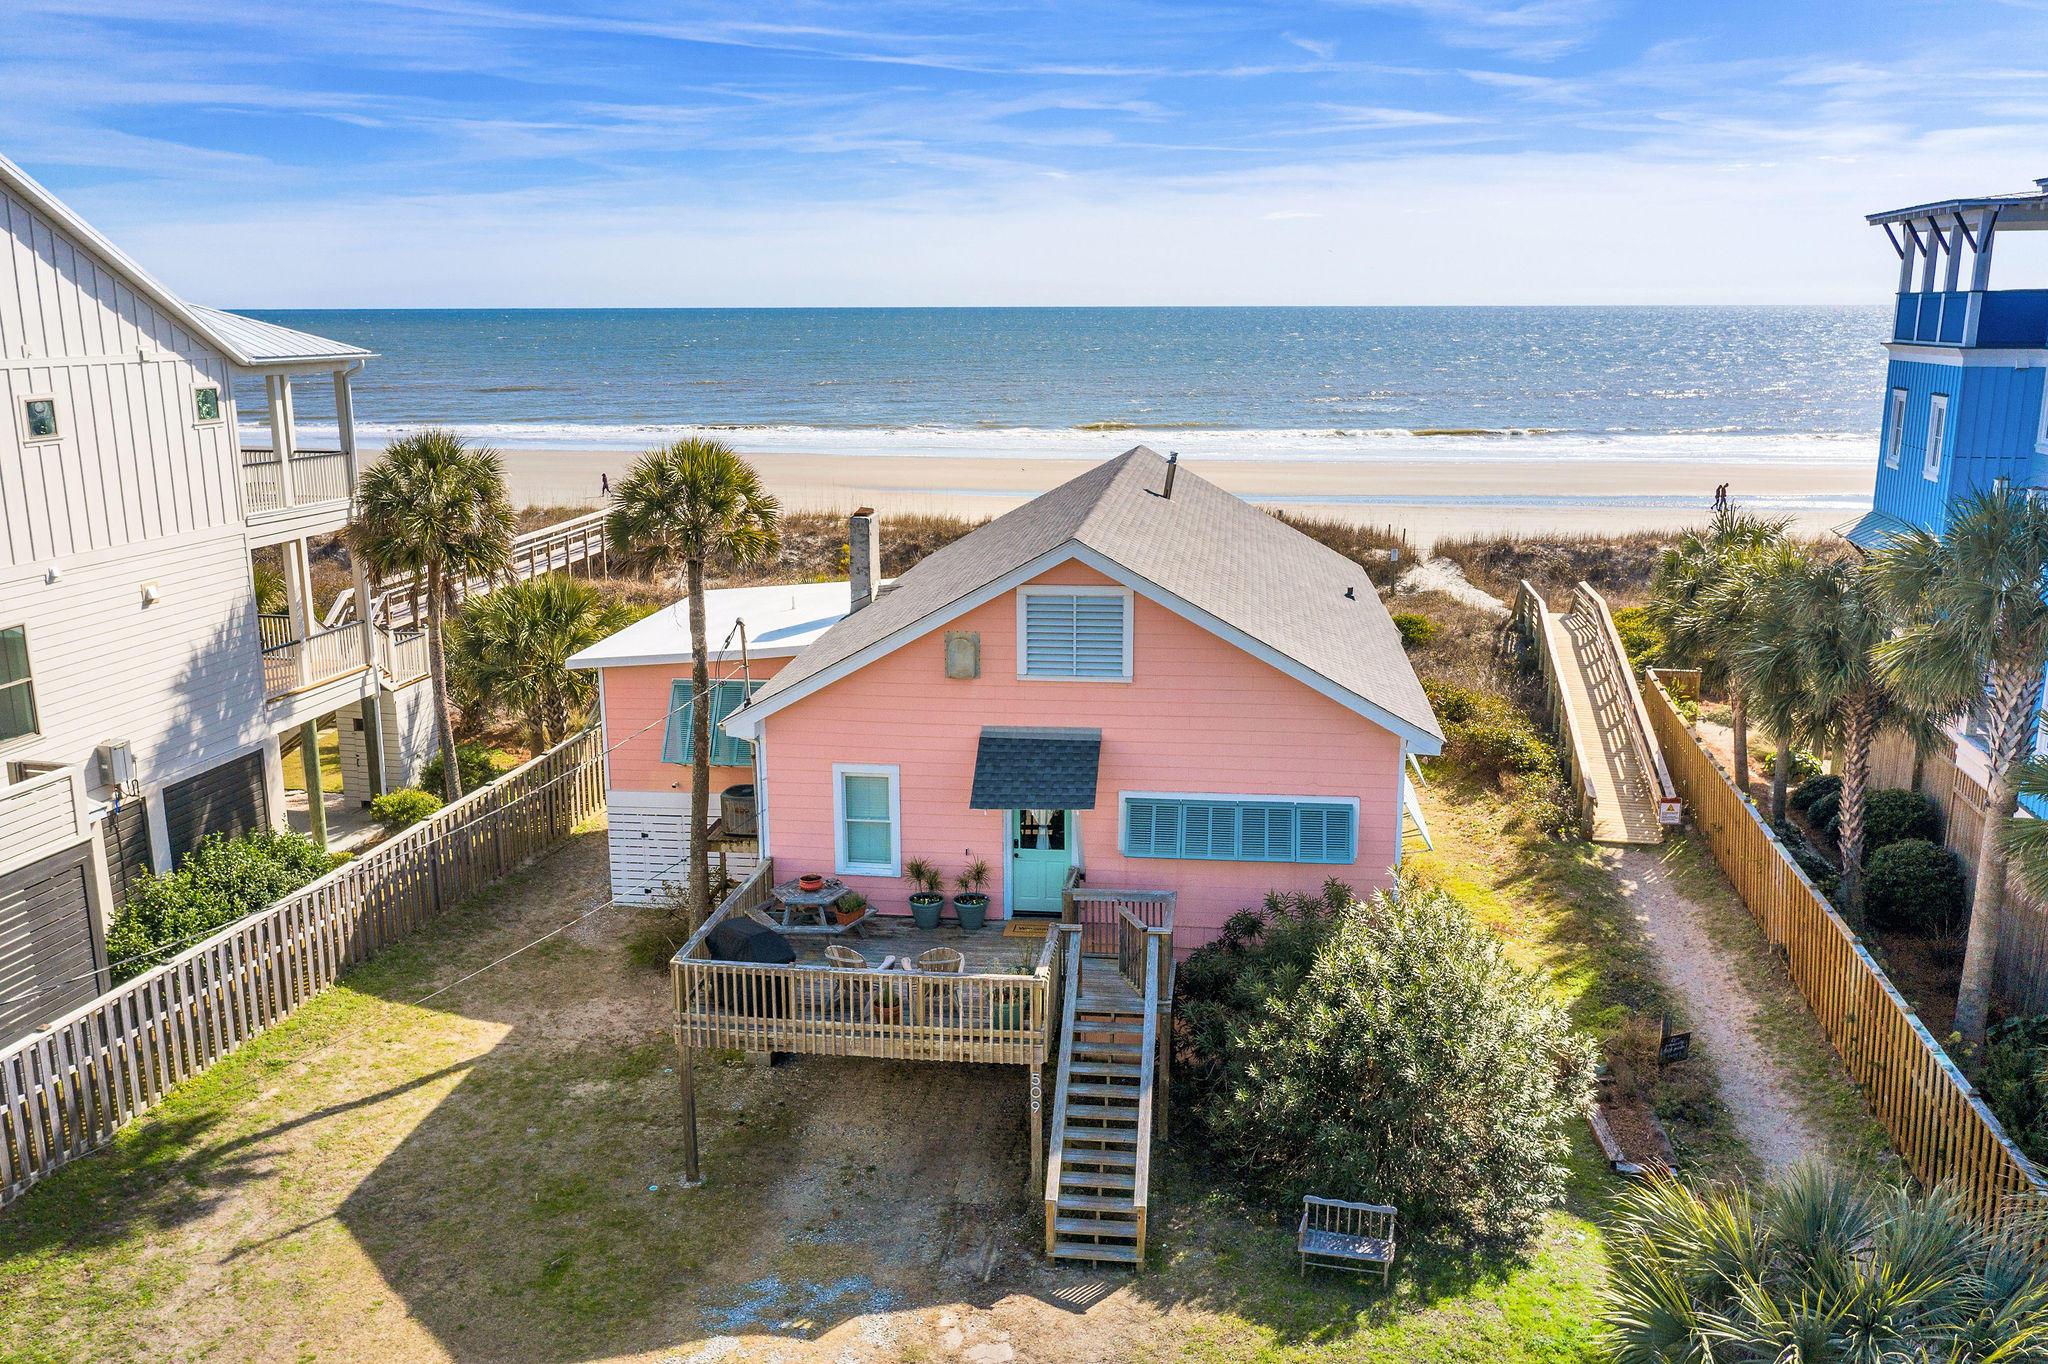 Folly Beach Homes For Sale - 509 Ashley, Folly Beach, SC - 55